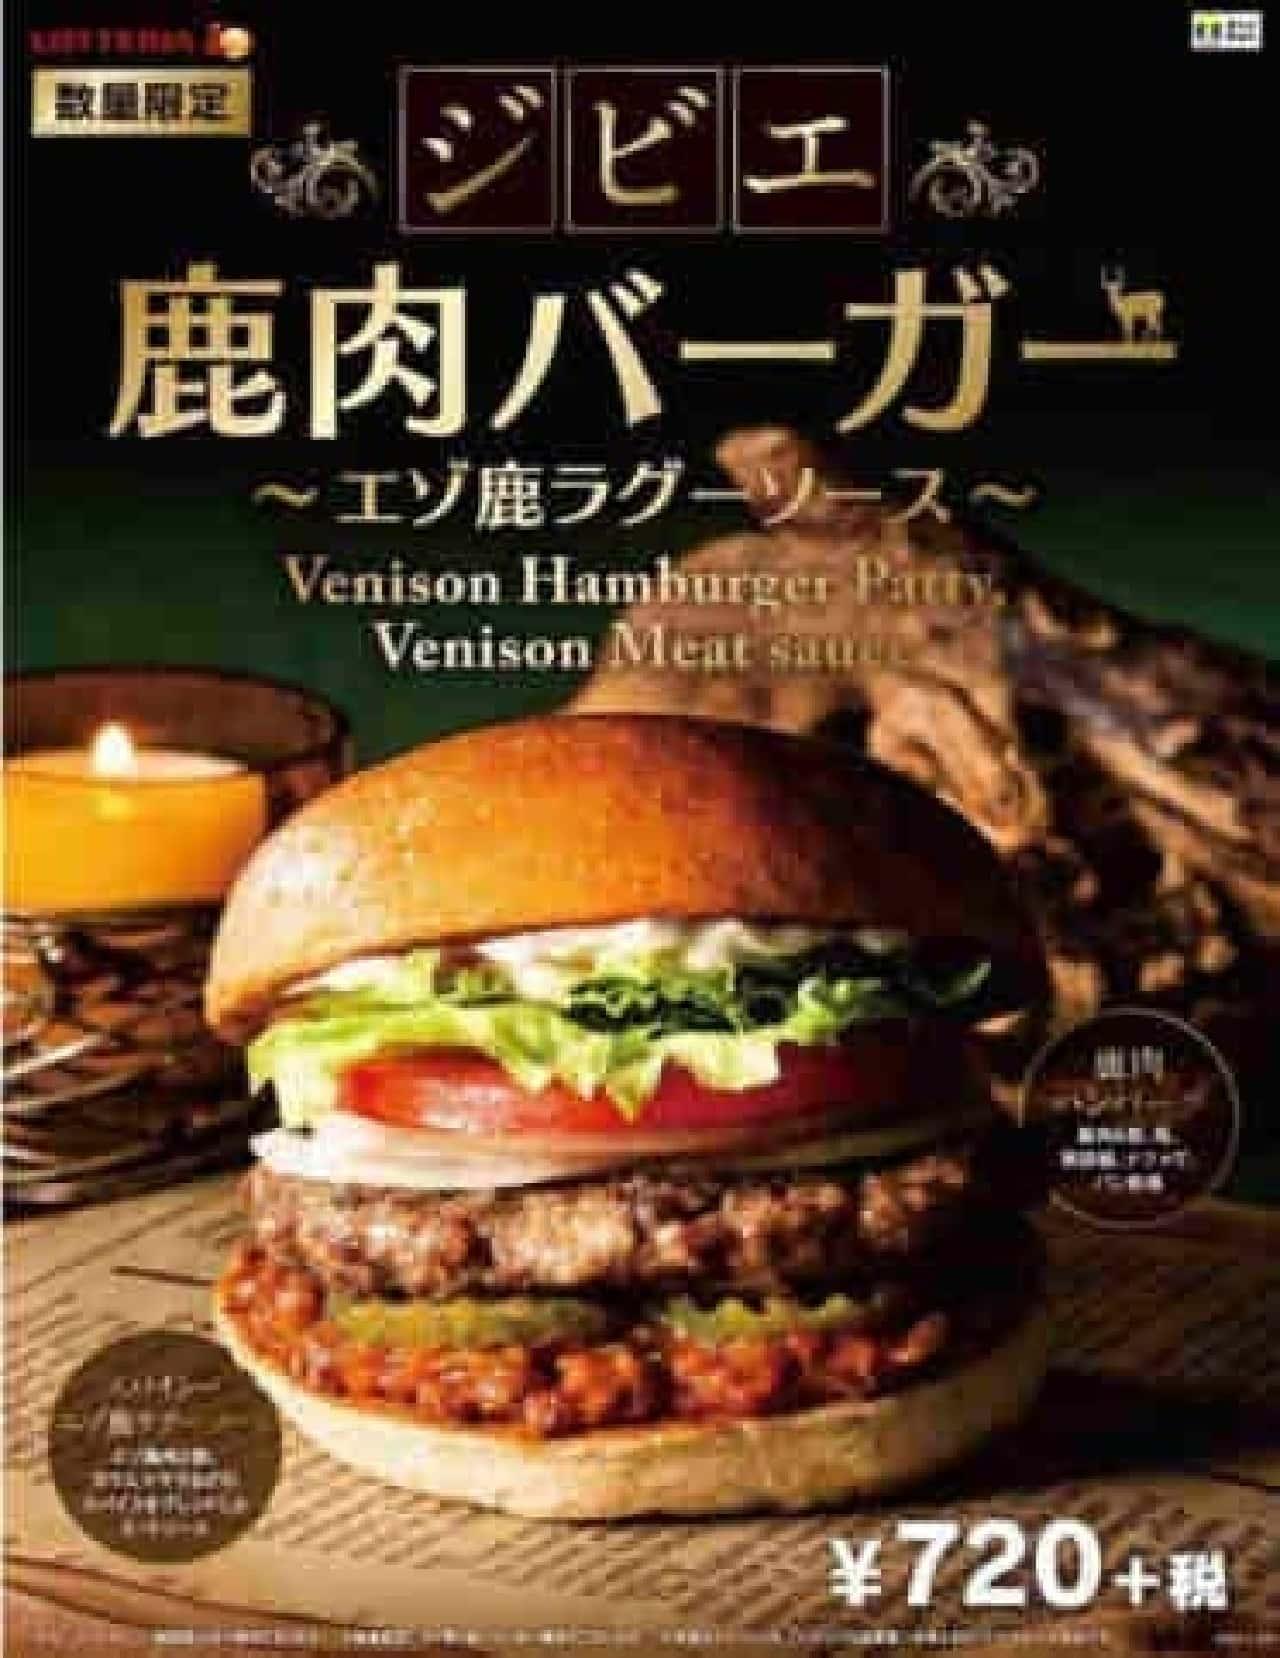 ロッテリア「ジビエ 鹿肉バーガー(エゾ鹿ラグーソース)」